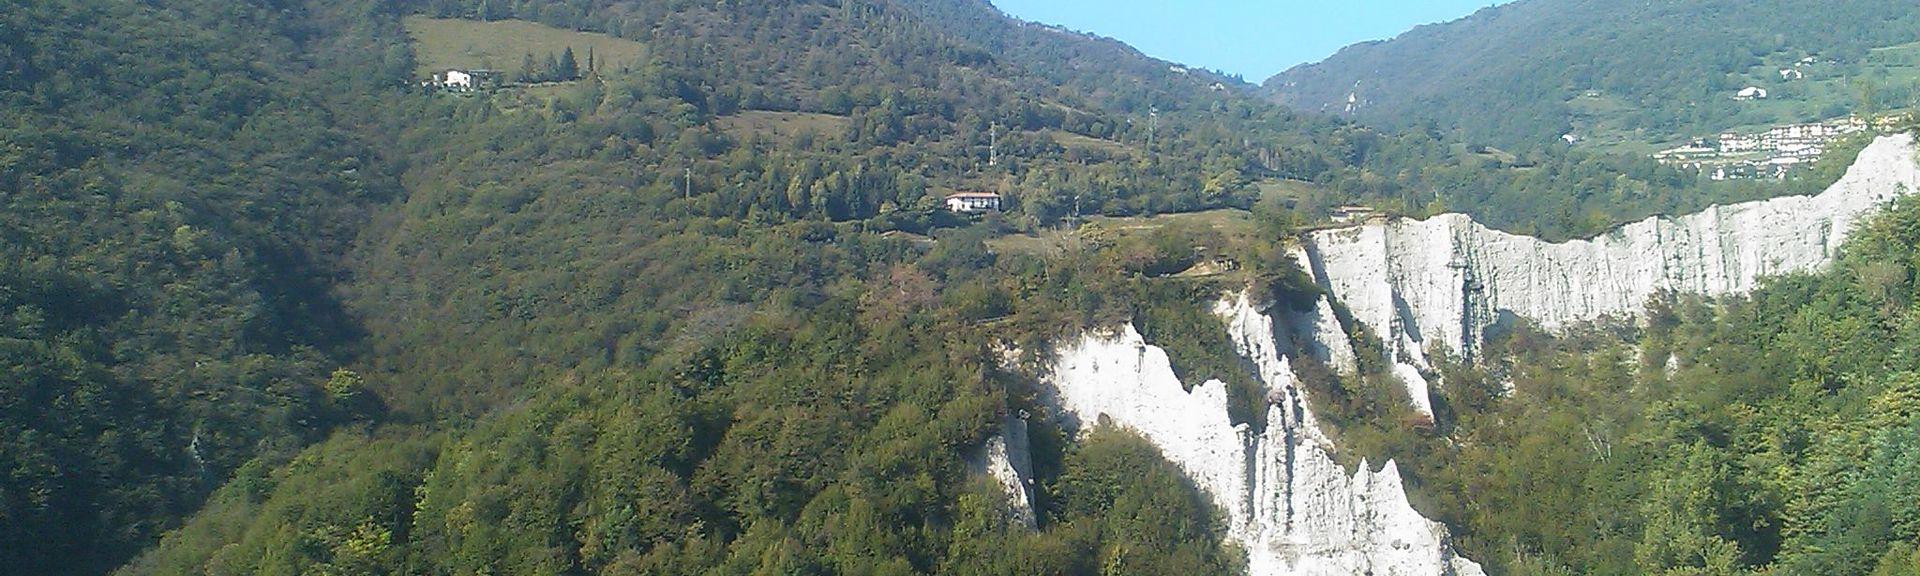 Villa Canton, Trescore Balneario, Italy